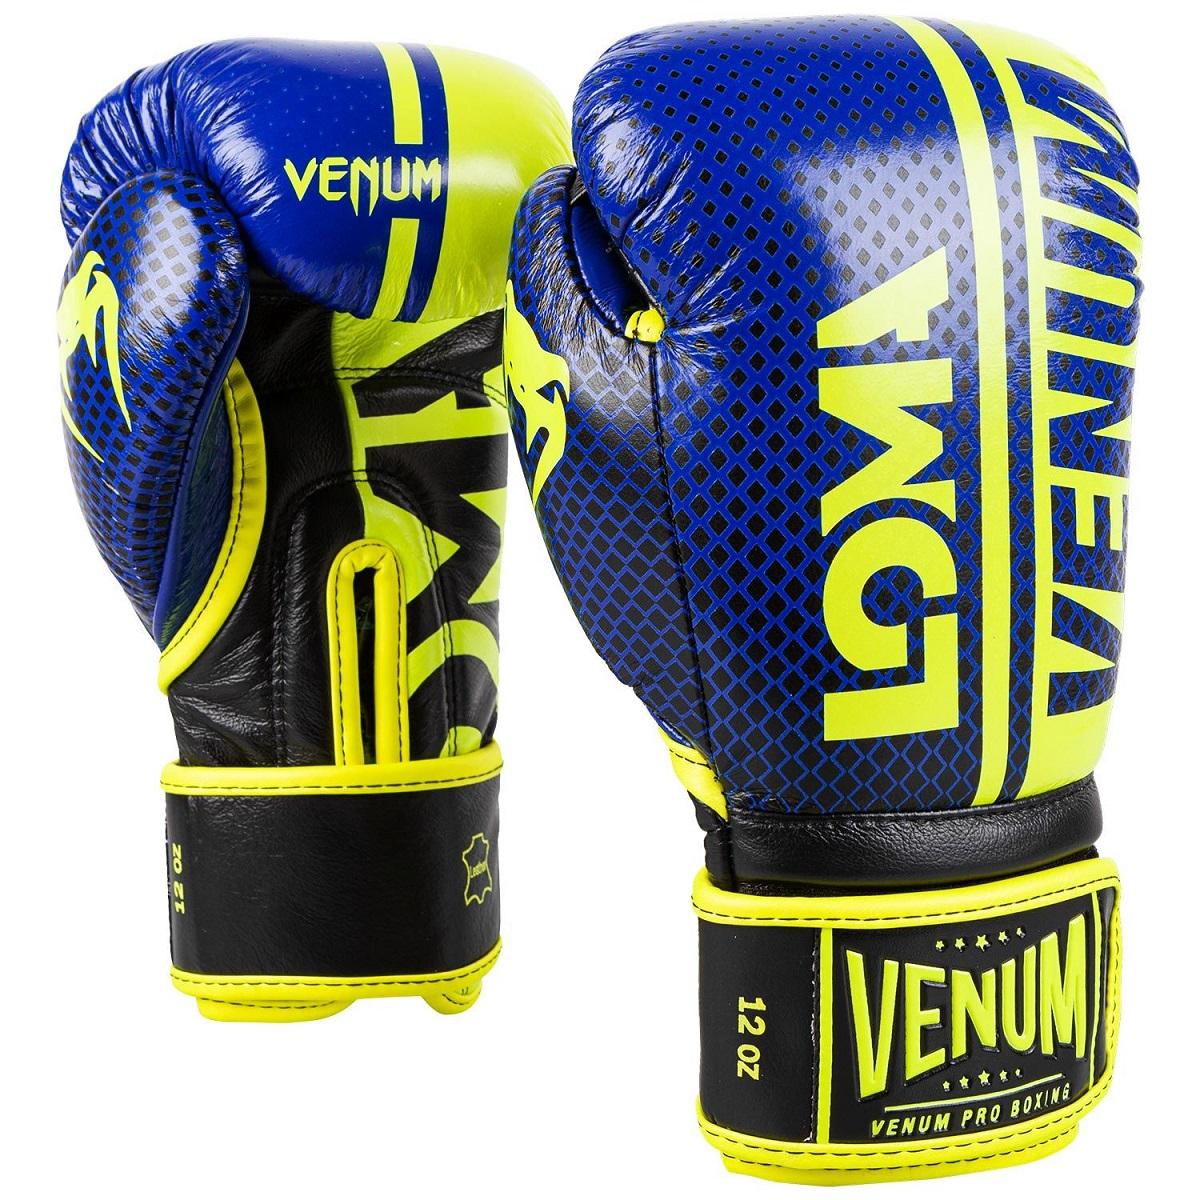 VENUM ボクシンググローブ マジックテープ式 SHIELD PRO BOXING GLOVES LOMA EDITION //ボクシング キックボクシング スパーリング 送料無料